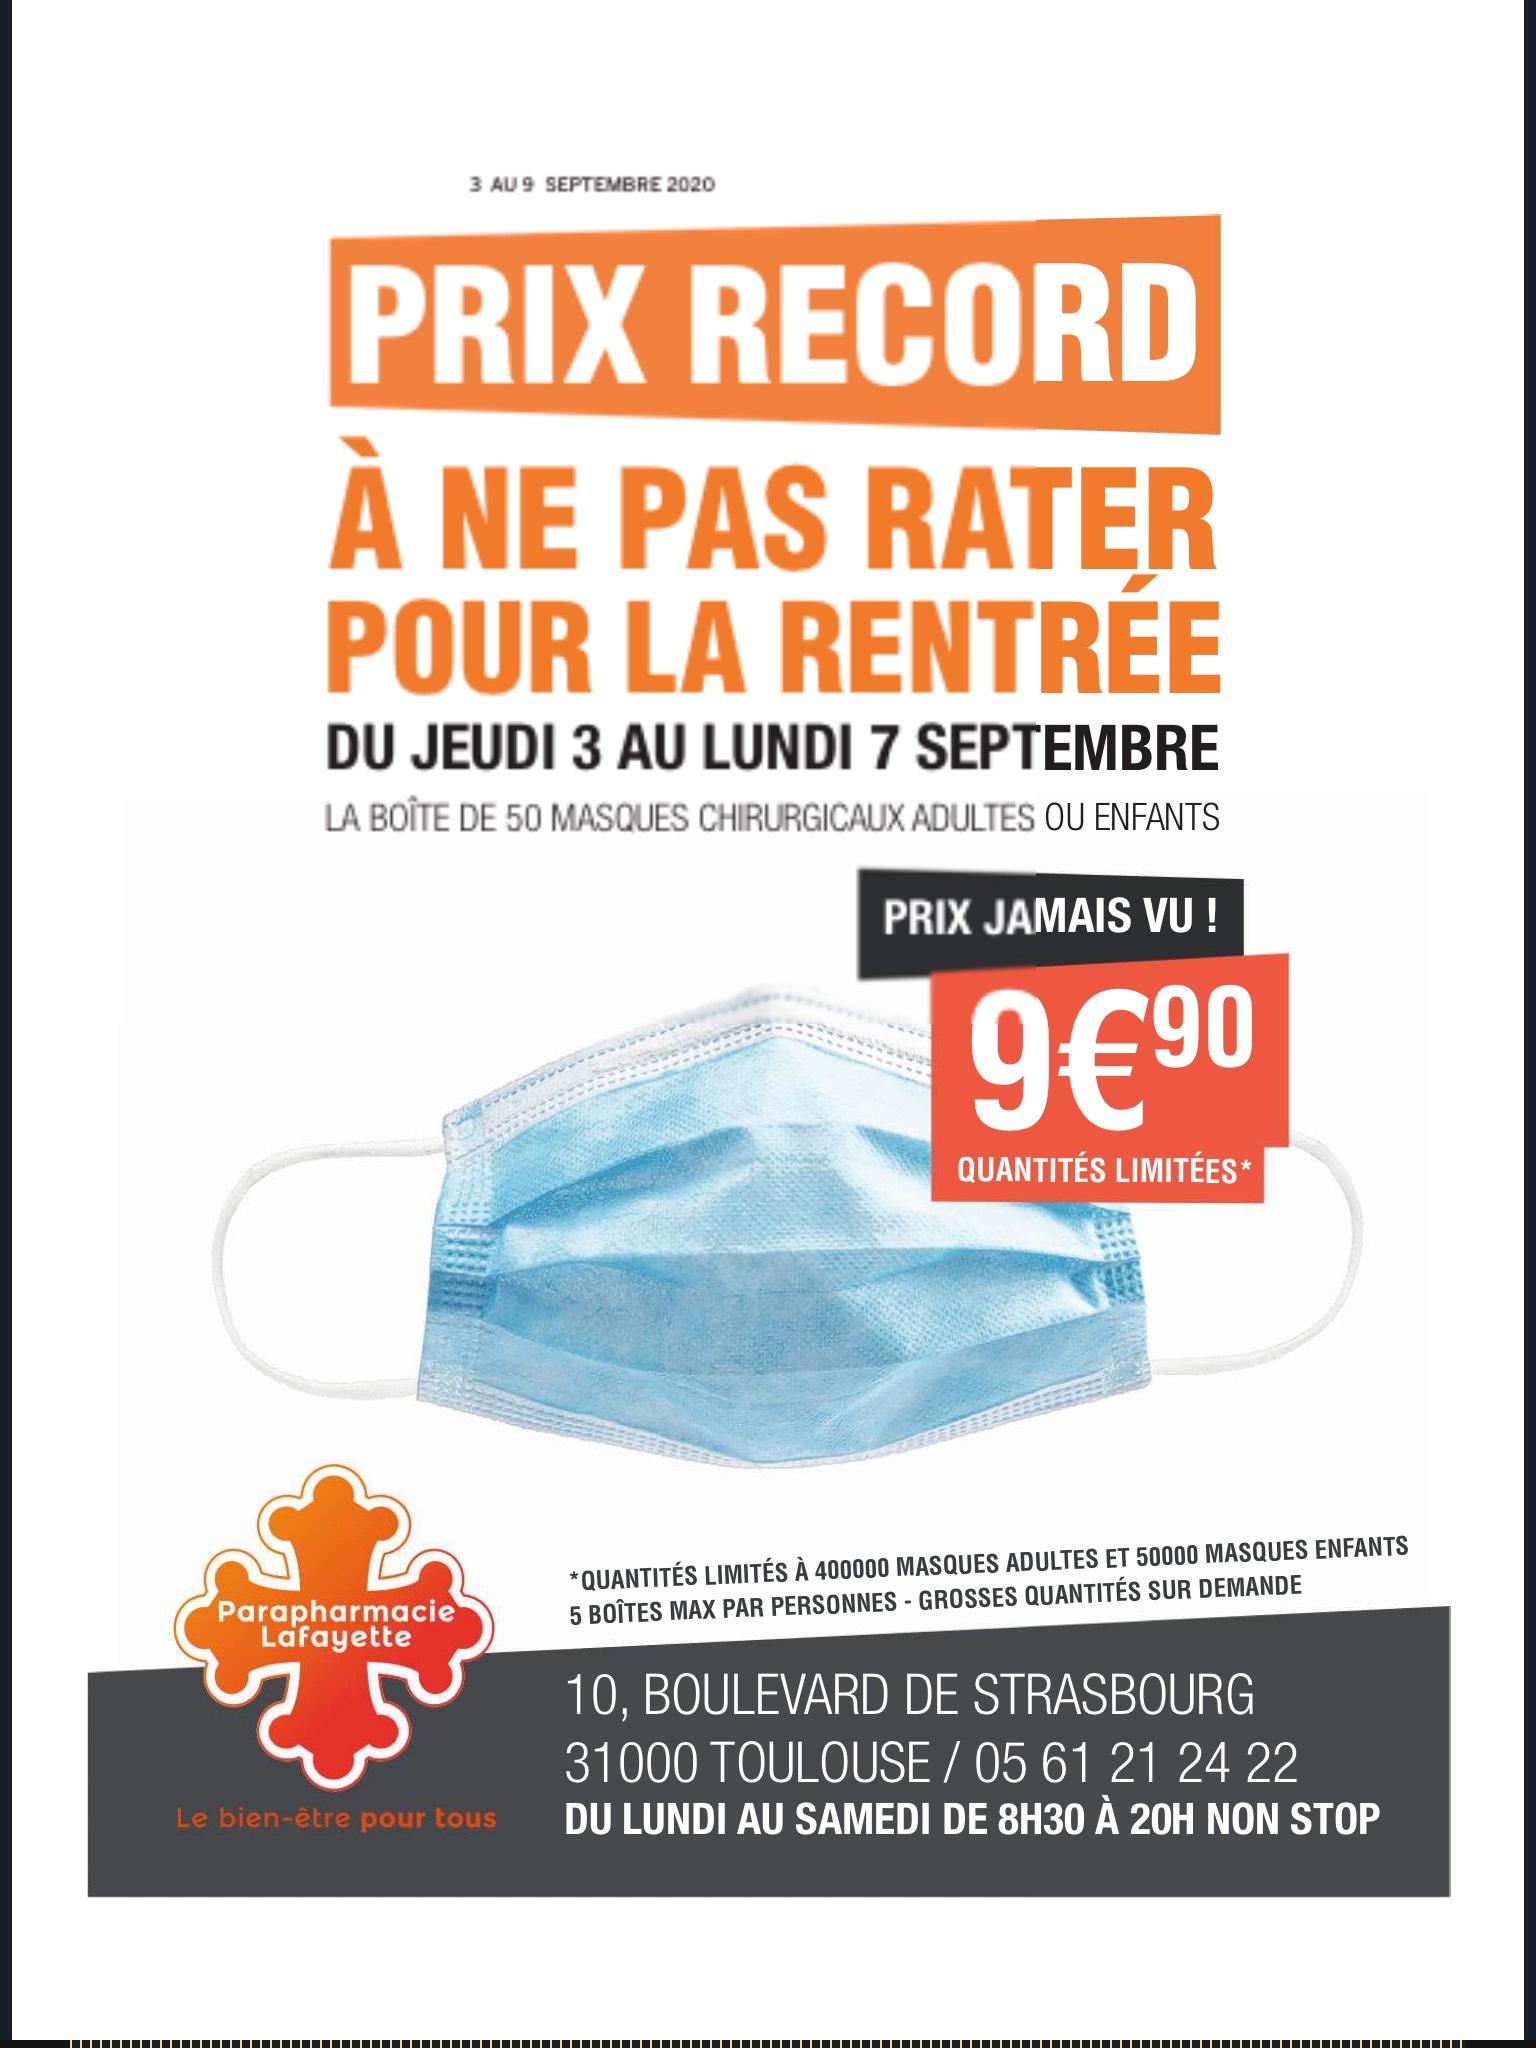 Boîte de 50 masques de protection chirurgicaux (adulte ou enfant) - Parapharmacie Lafayette Toulouse (31)